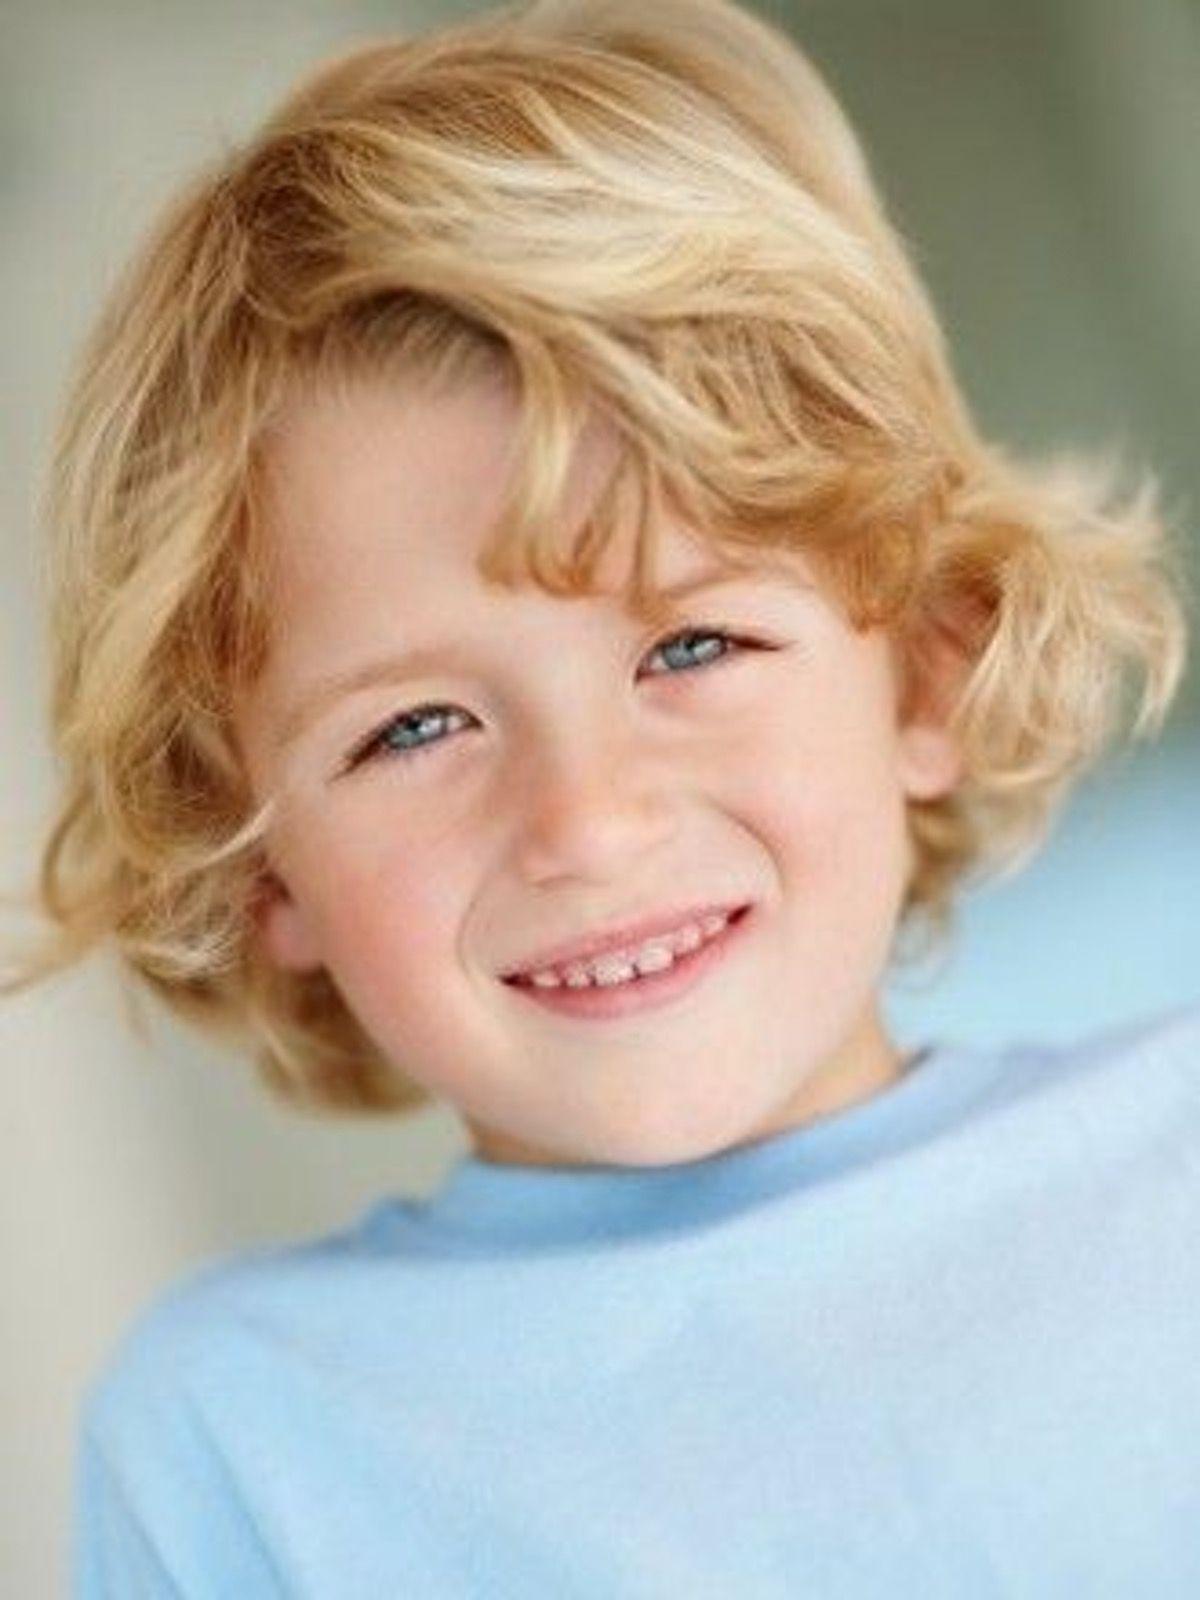 Coiffure garçon : idées de coupes pour cheveux longs | Coiffure garçon, Cheveux long, Cheveux ...